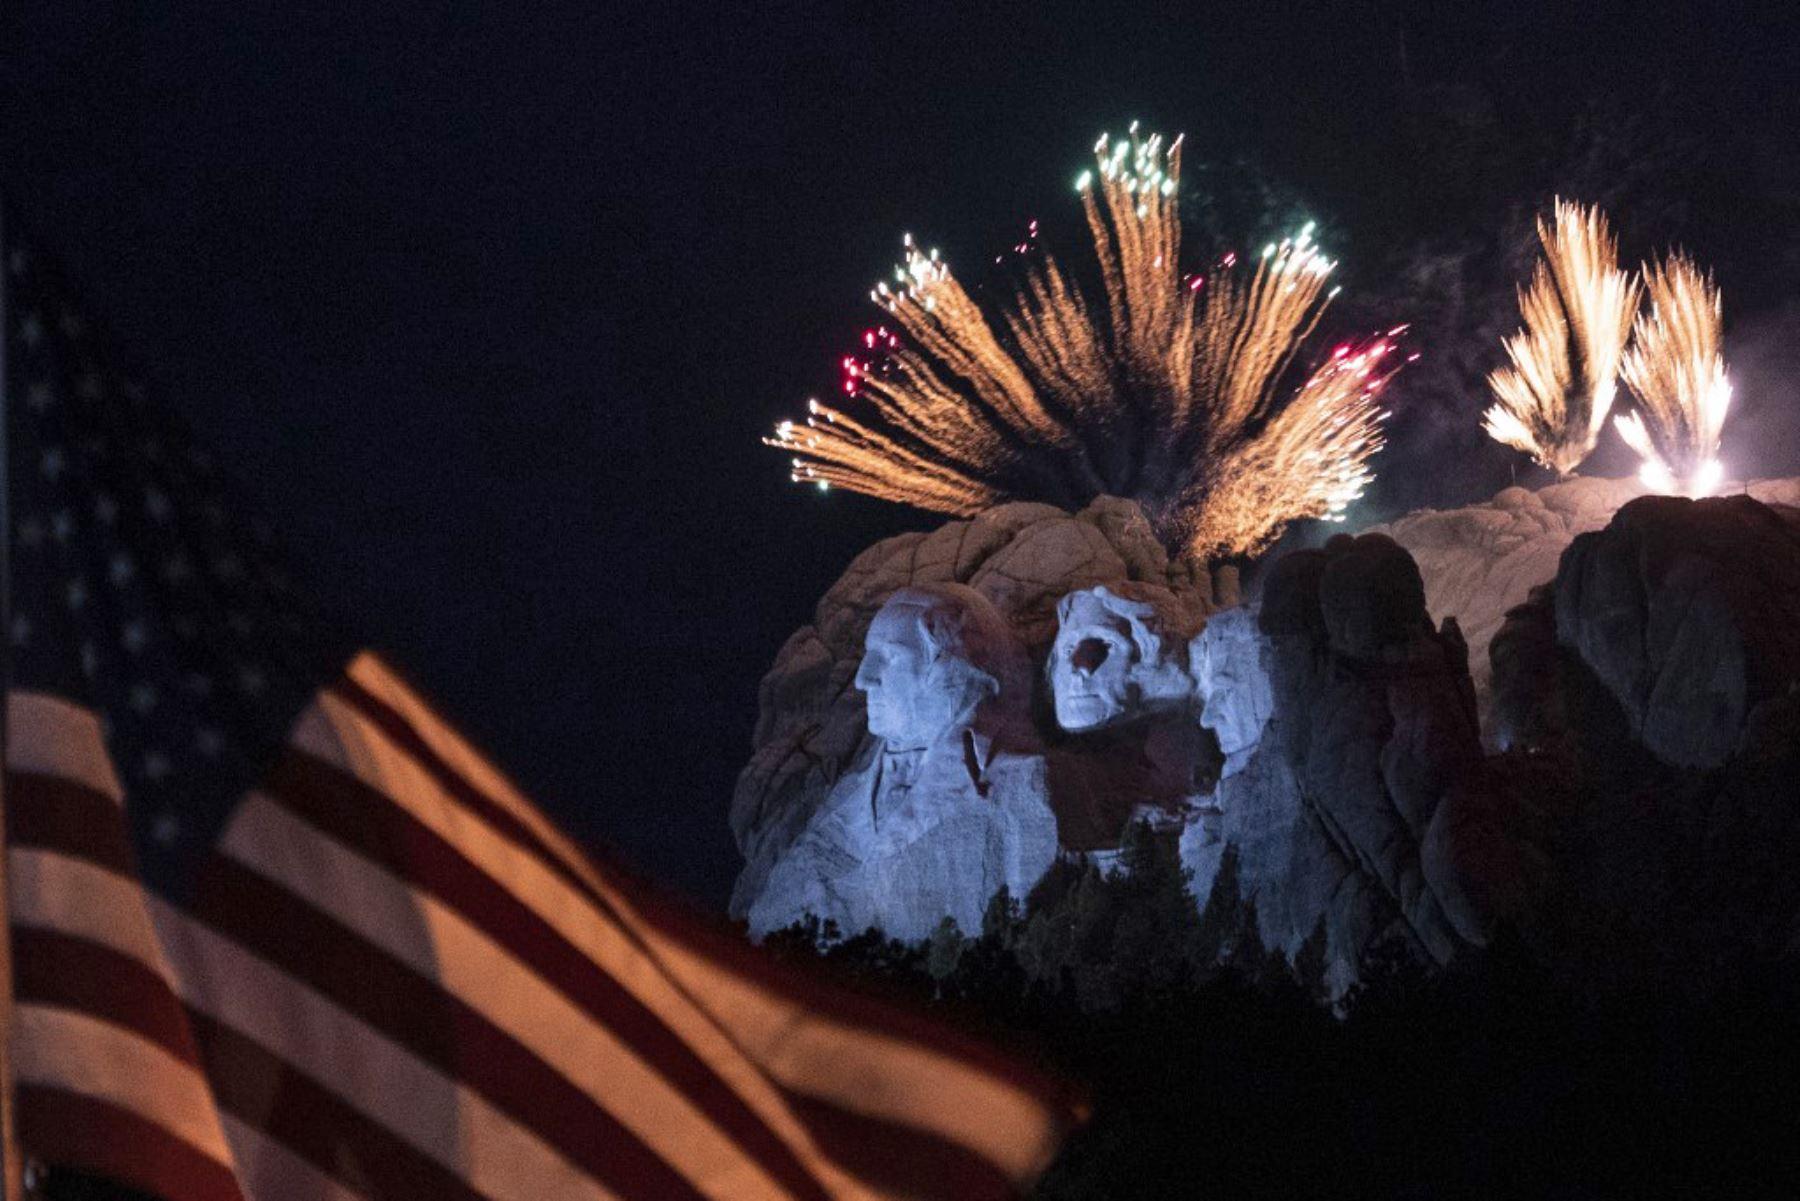 Una bandera de los Estados Unidos ondea mientras los fuegos artificiales explotan sobre el Monumento Nacional del Monte Rushmore durante un evento del Día de la Independencia al que asistió el presidente de los Estados Unidos en Keystone, Dakota del Sur. Foto: AFP